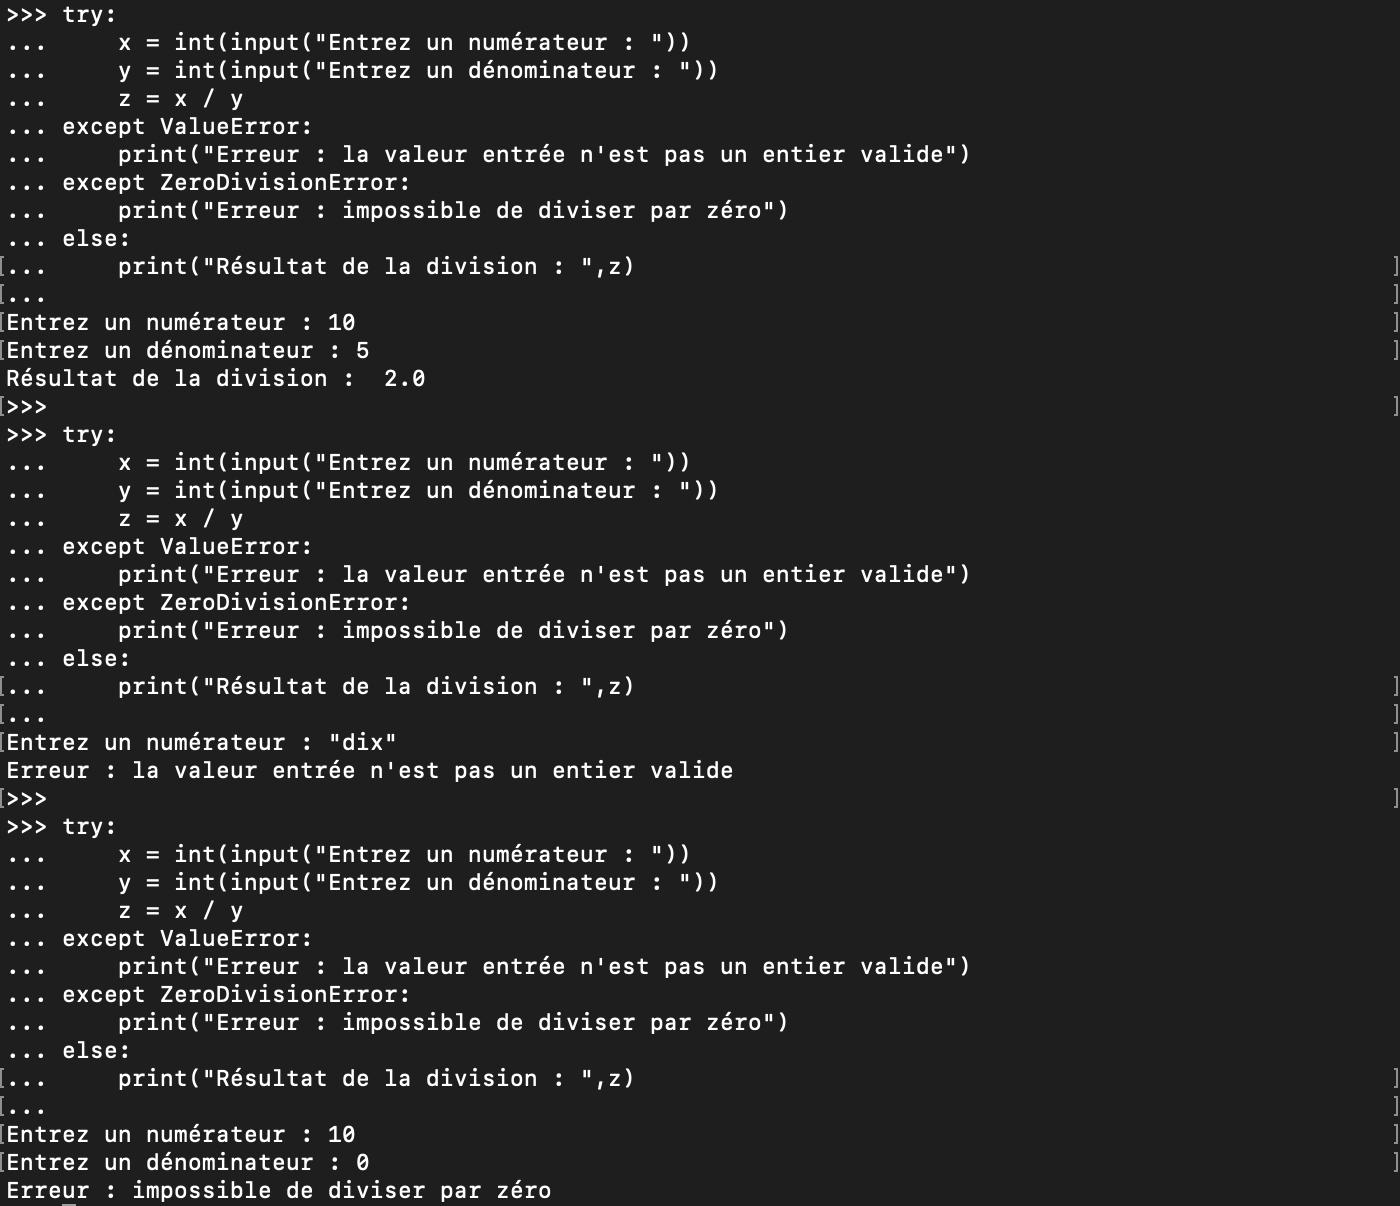 Utilisation d'une clause else pour gérer des exceptions en Python